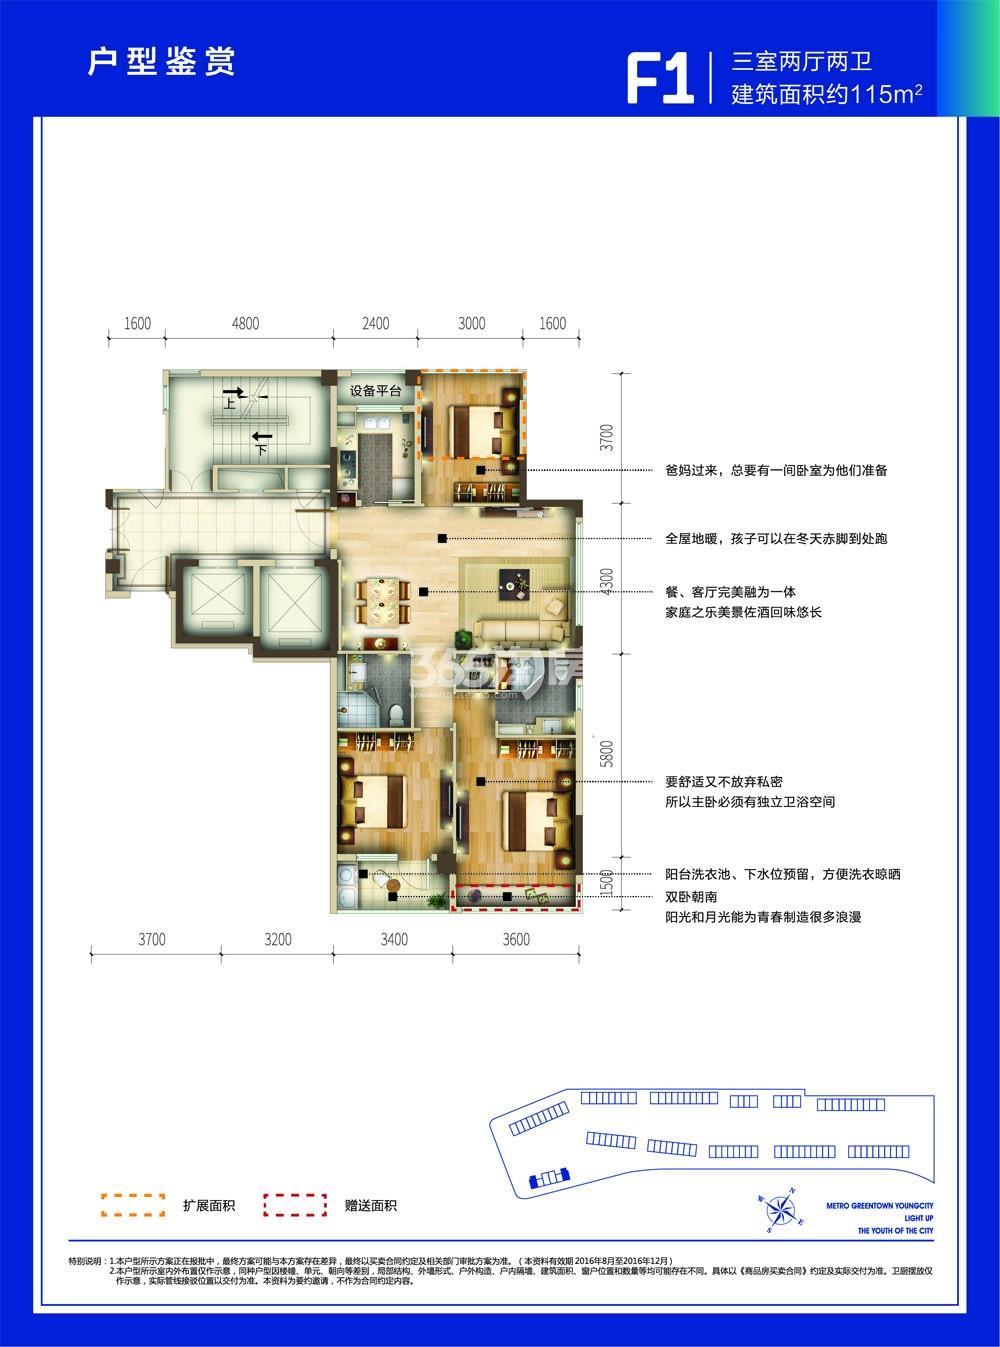 地铁绿城杨柳郡三期F1户型115方 M4#